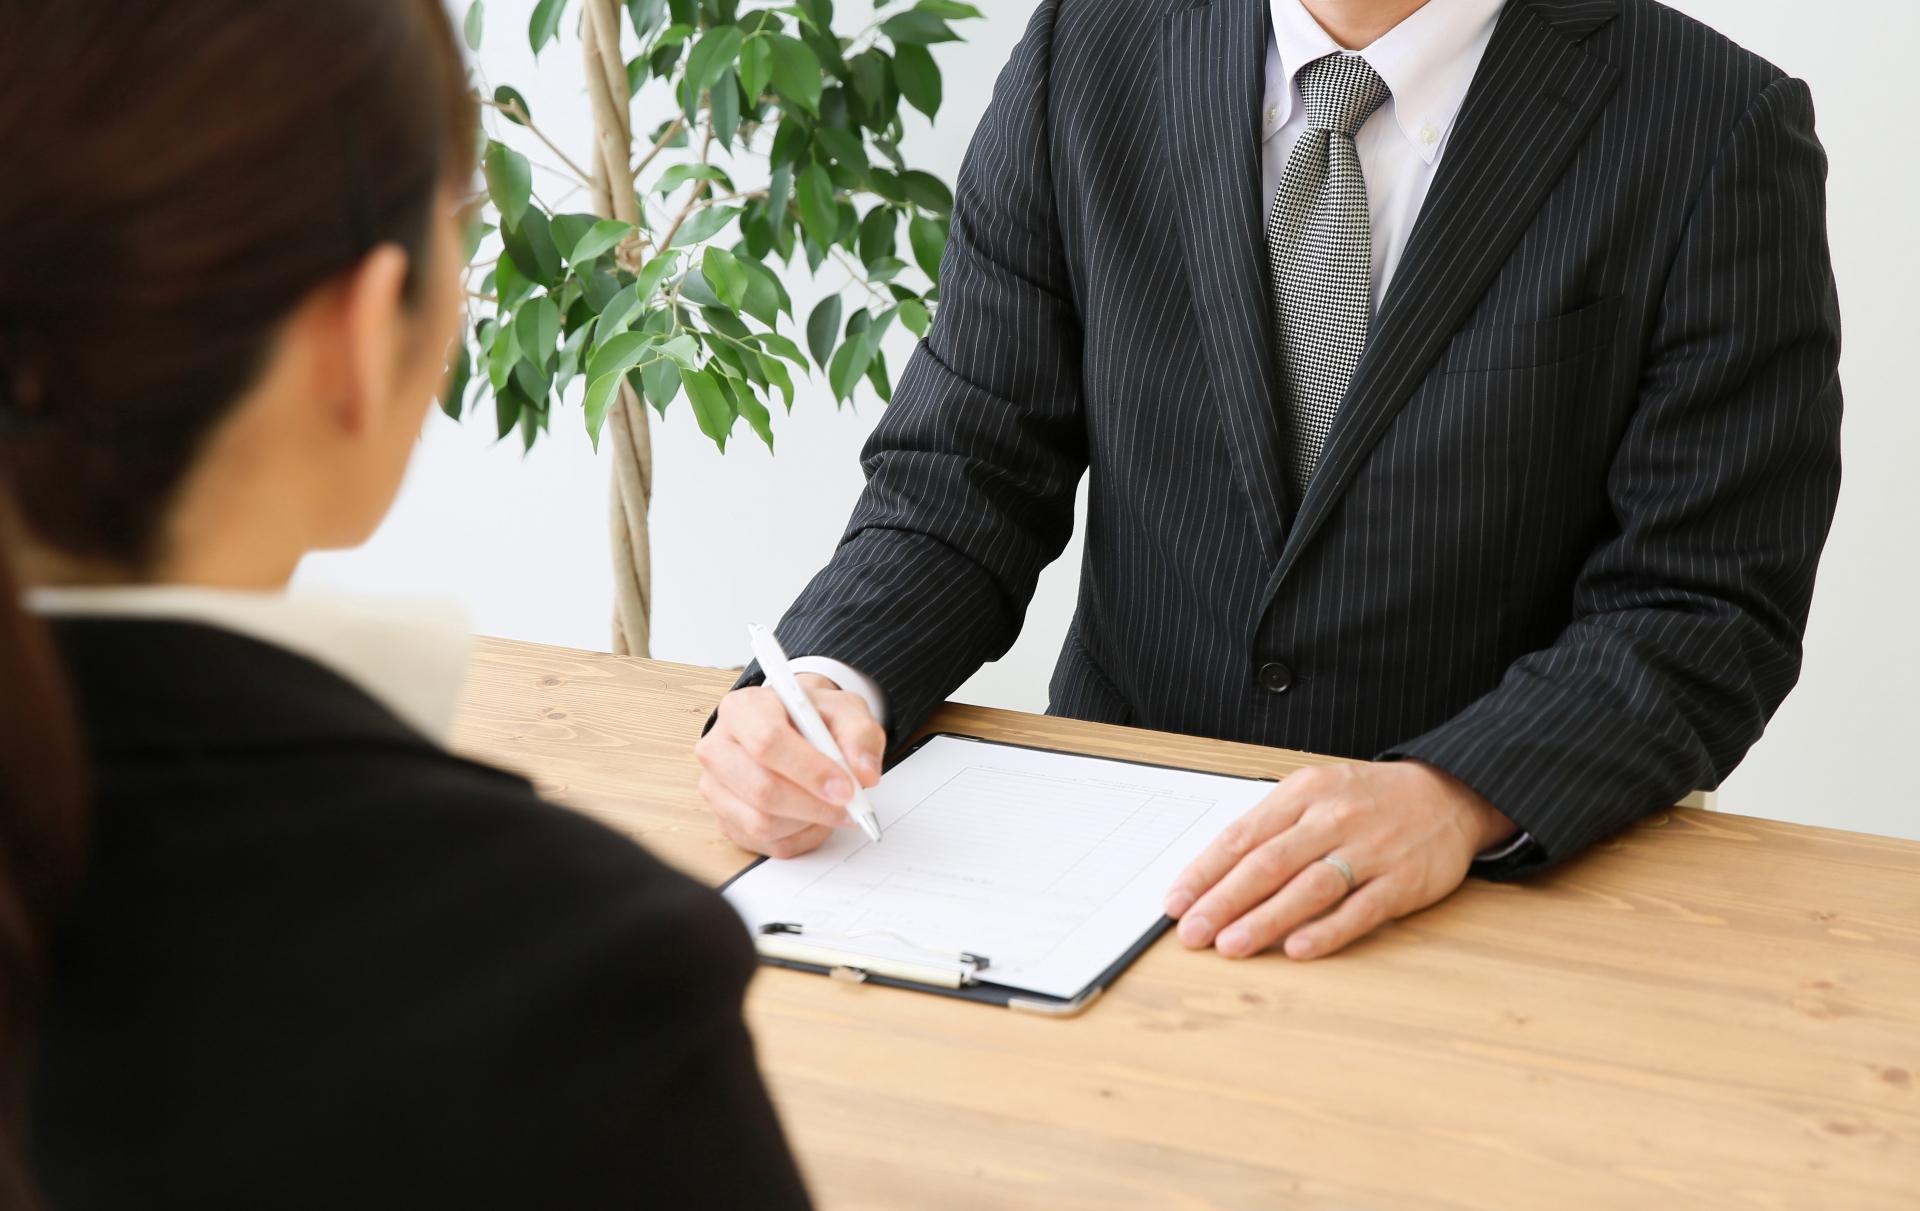 最適な人材登用にリファレンスチェックを役立てる